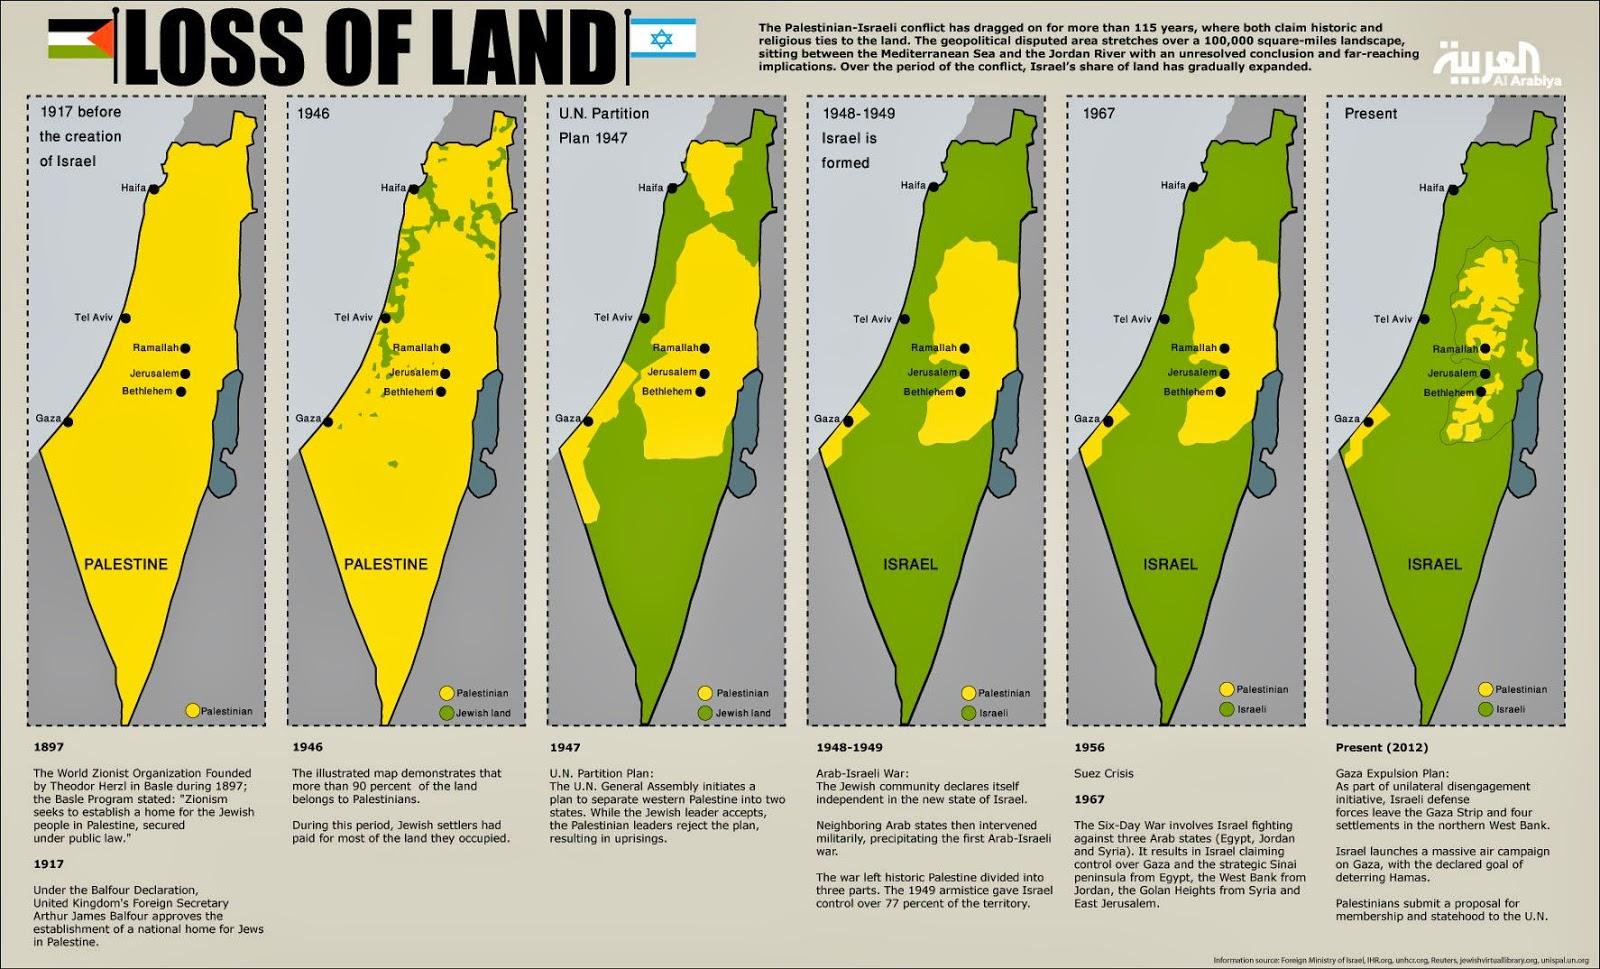 Blog Goblog: Palestina, Israel dan Daerah yang Direbutkan